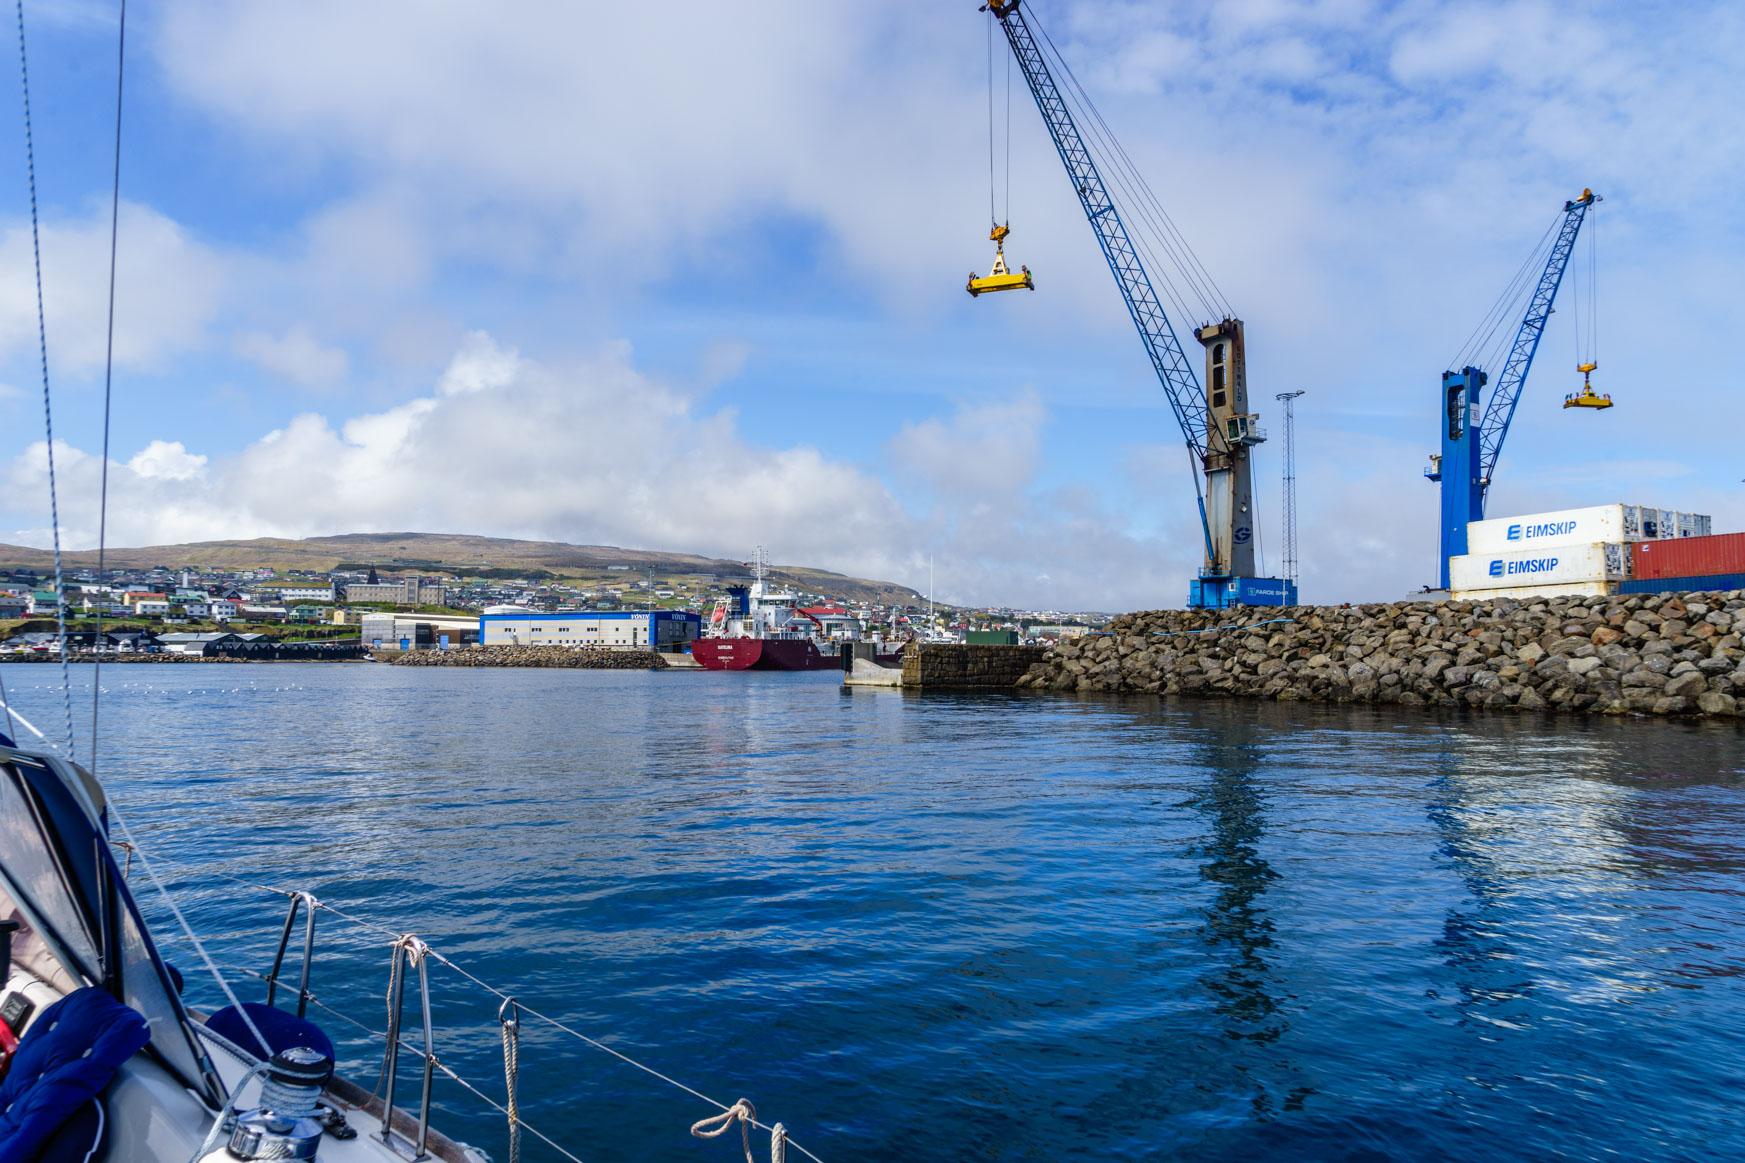 Ansteuerung Torshavn